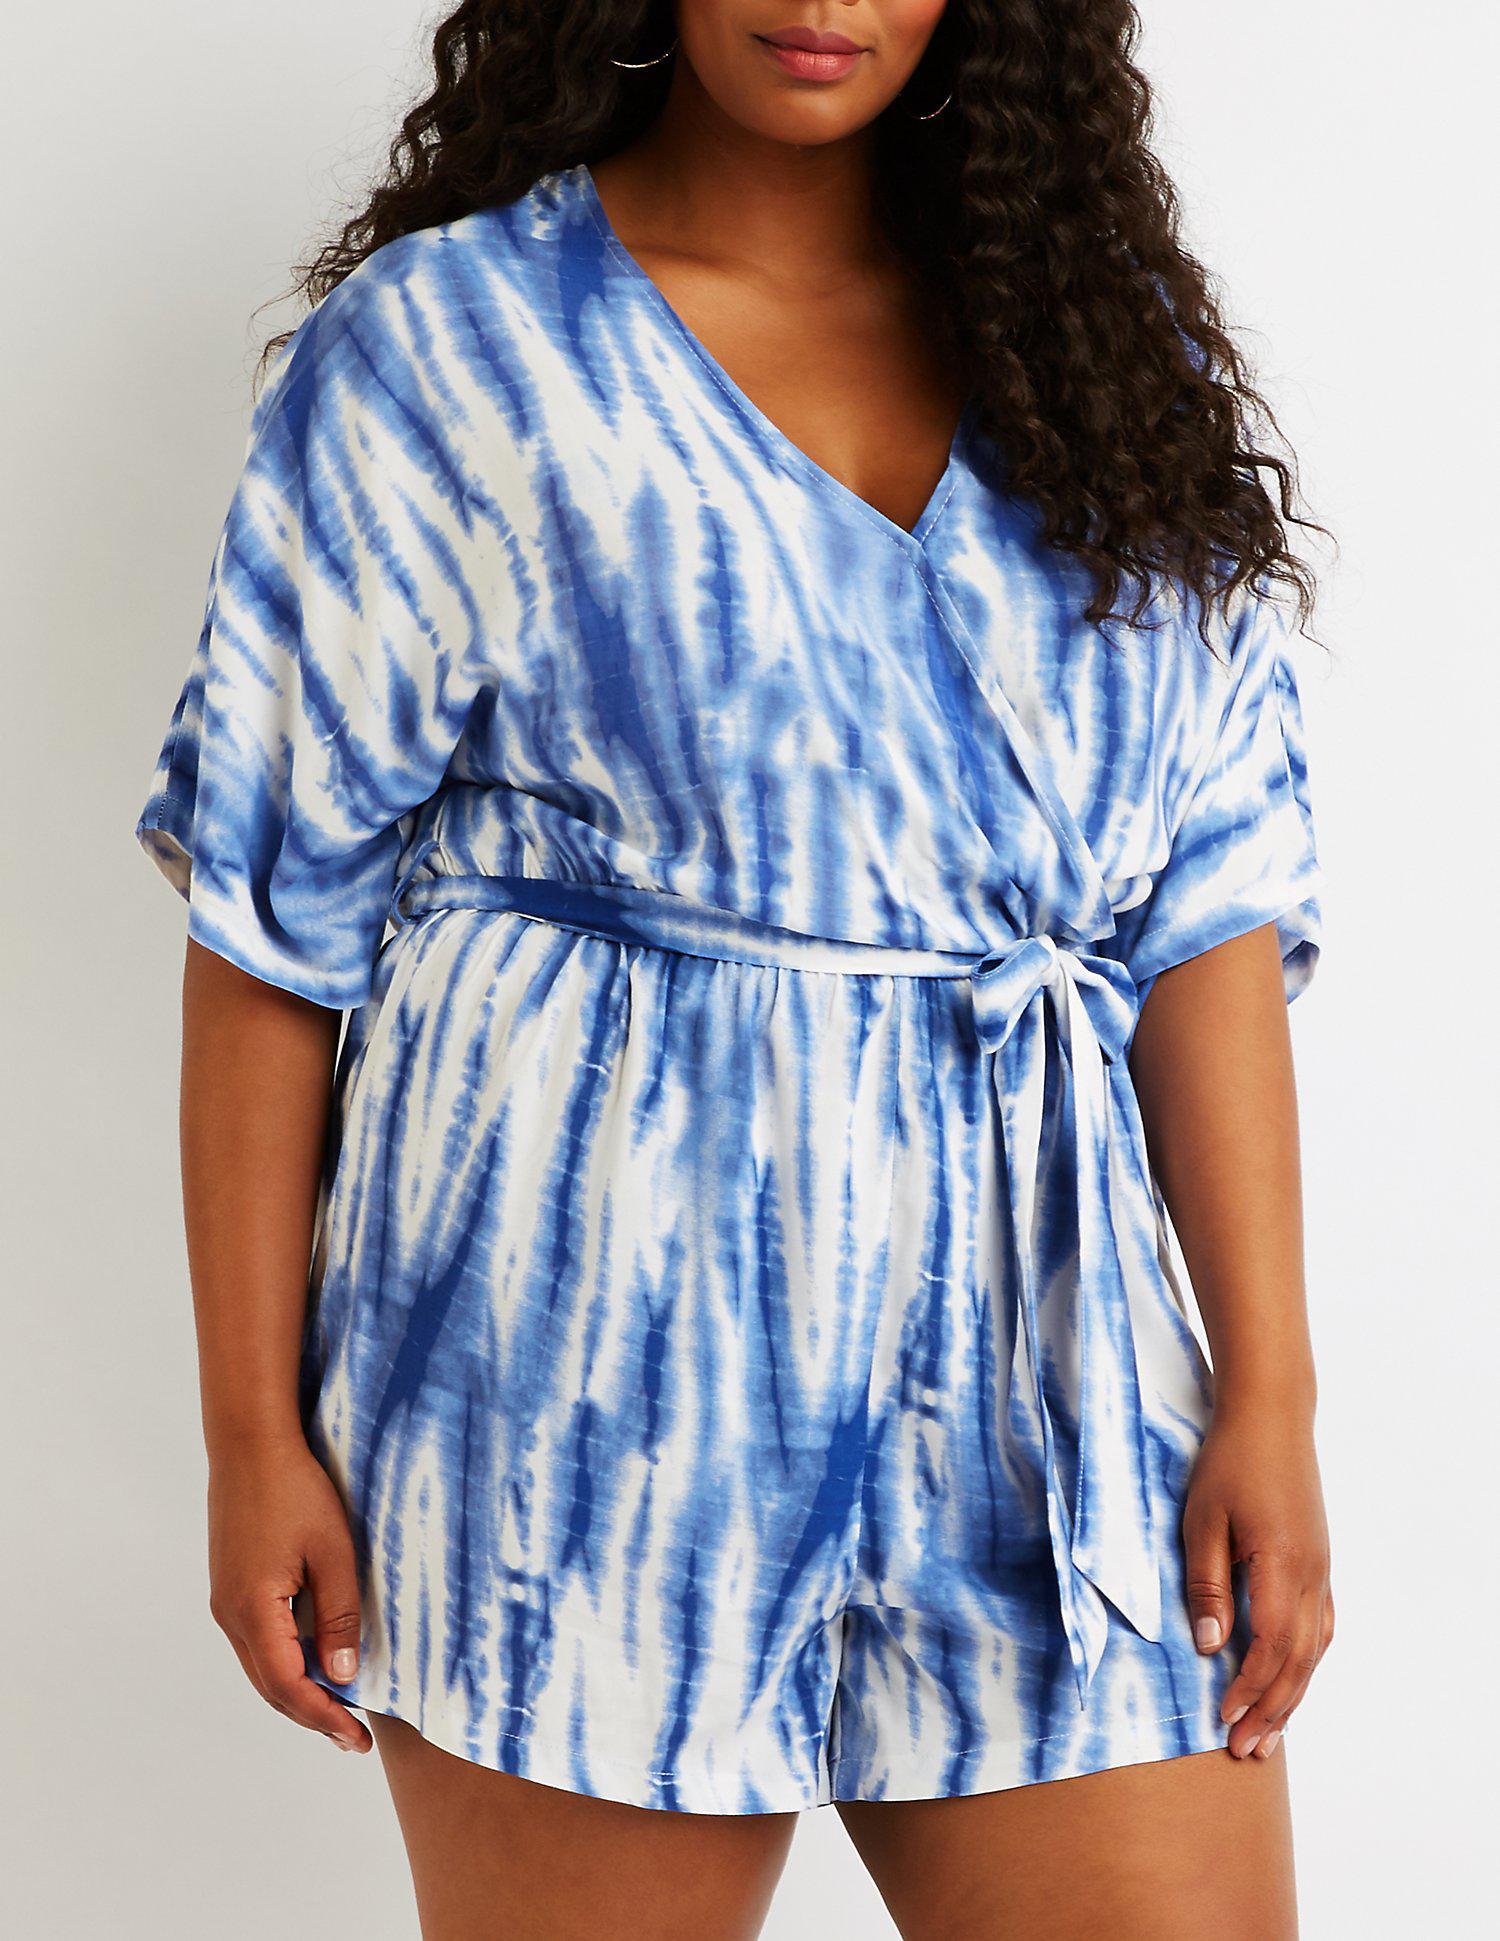 dca10de2b5aa Lyst - Charlotte Russe Plus Size Tie Dye Wrap Romper in Blue - Save ...